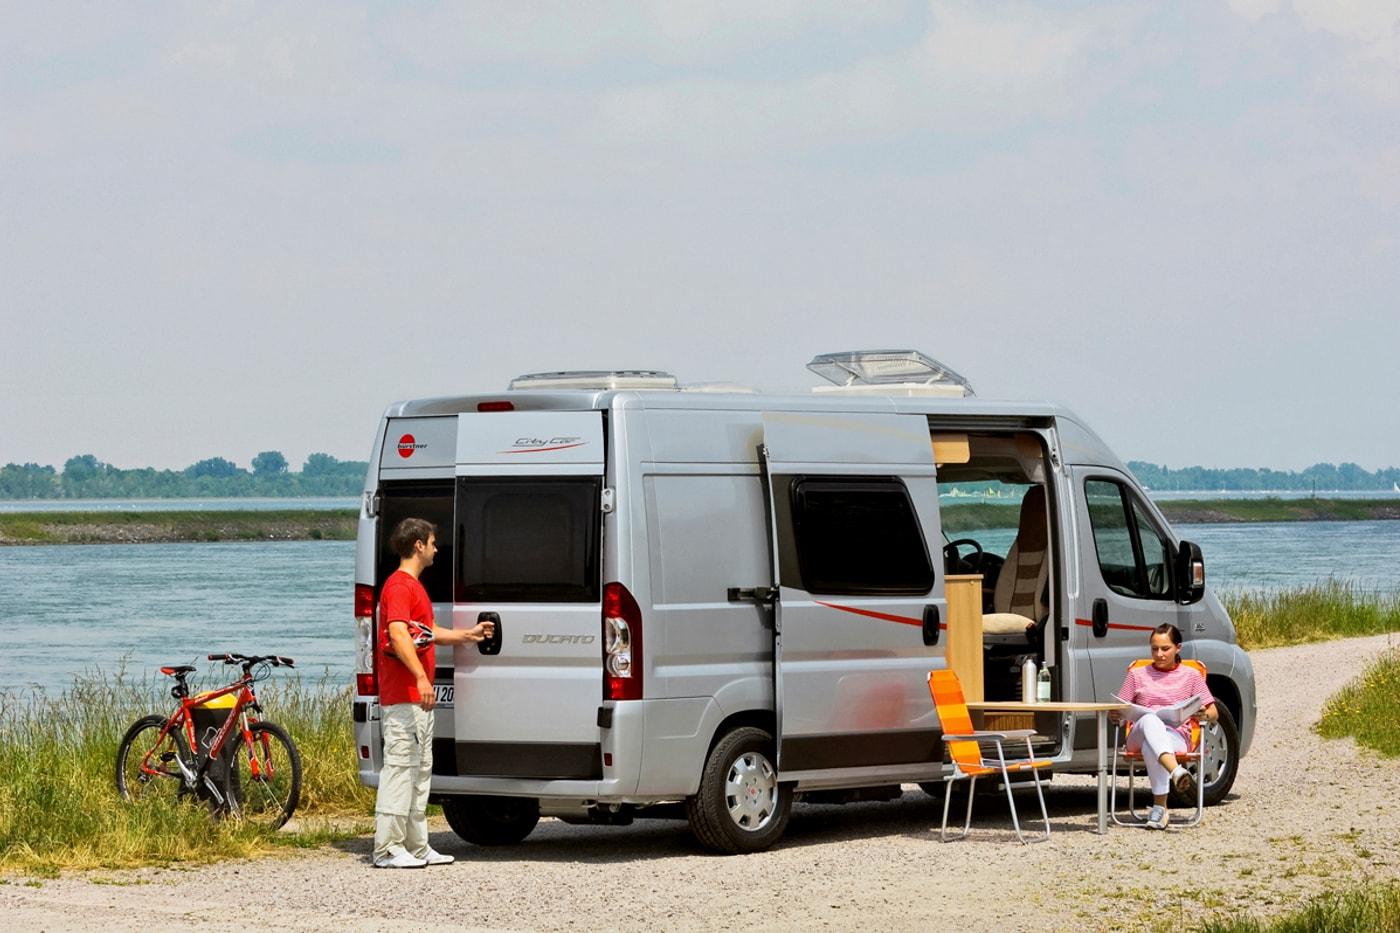 Zwei Campingreisende mit Kastenwagen machen Pause am Fluss